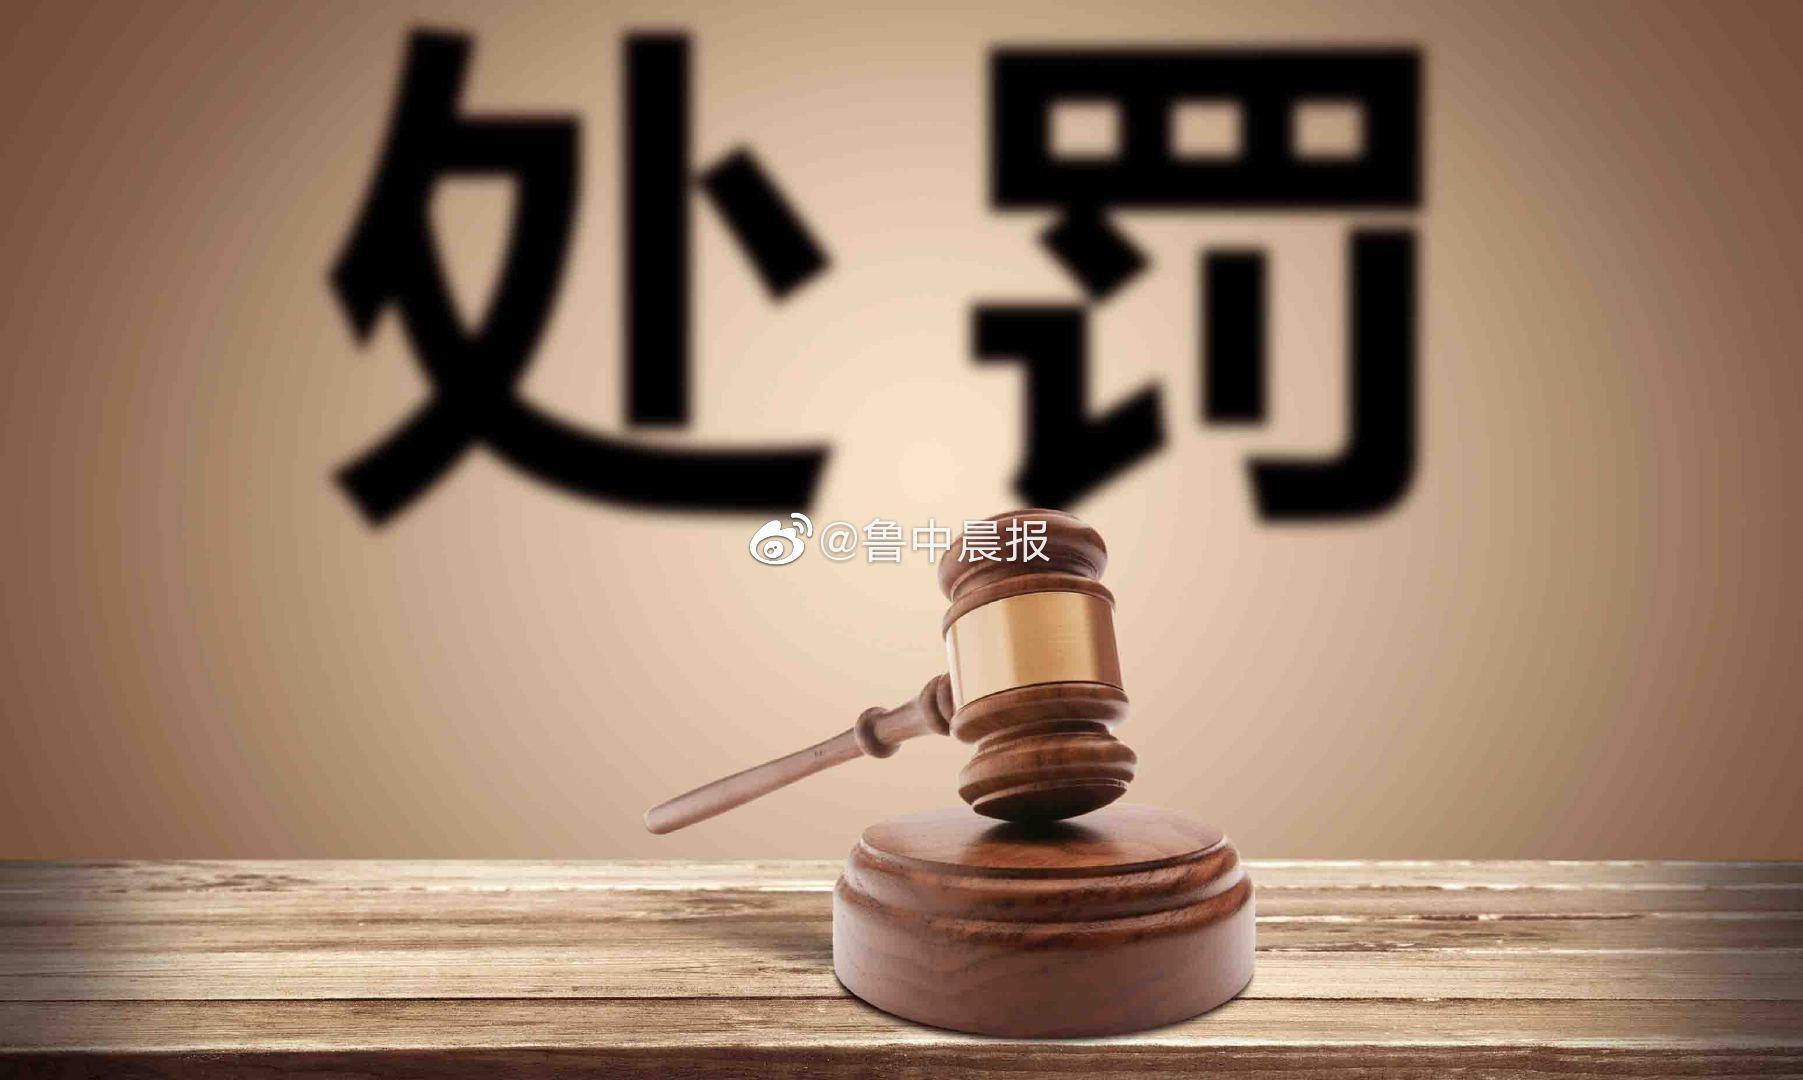 违规用安全设备 淄博汇佳橡胶新型材料被罚2.5万